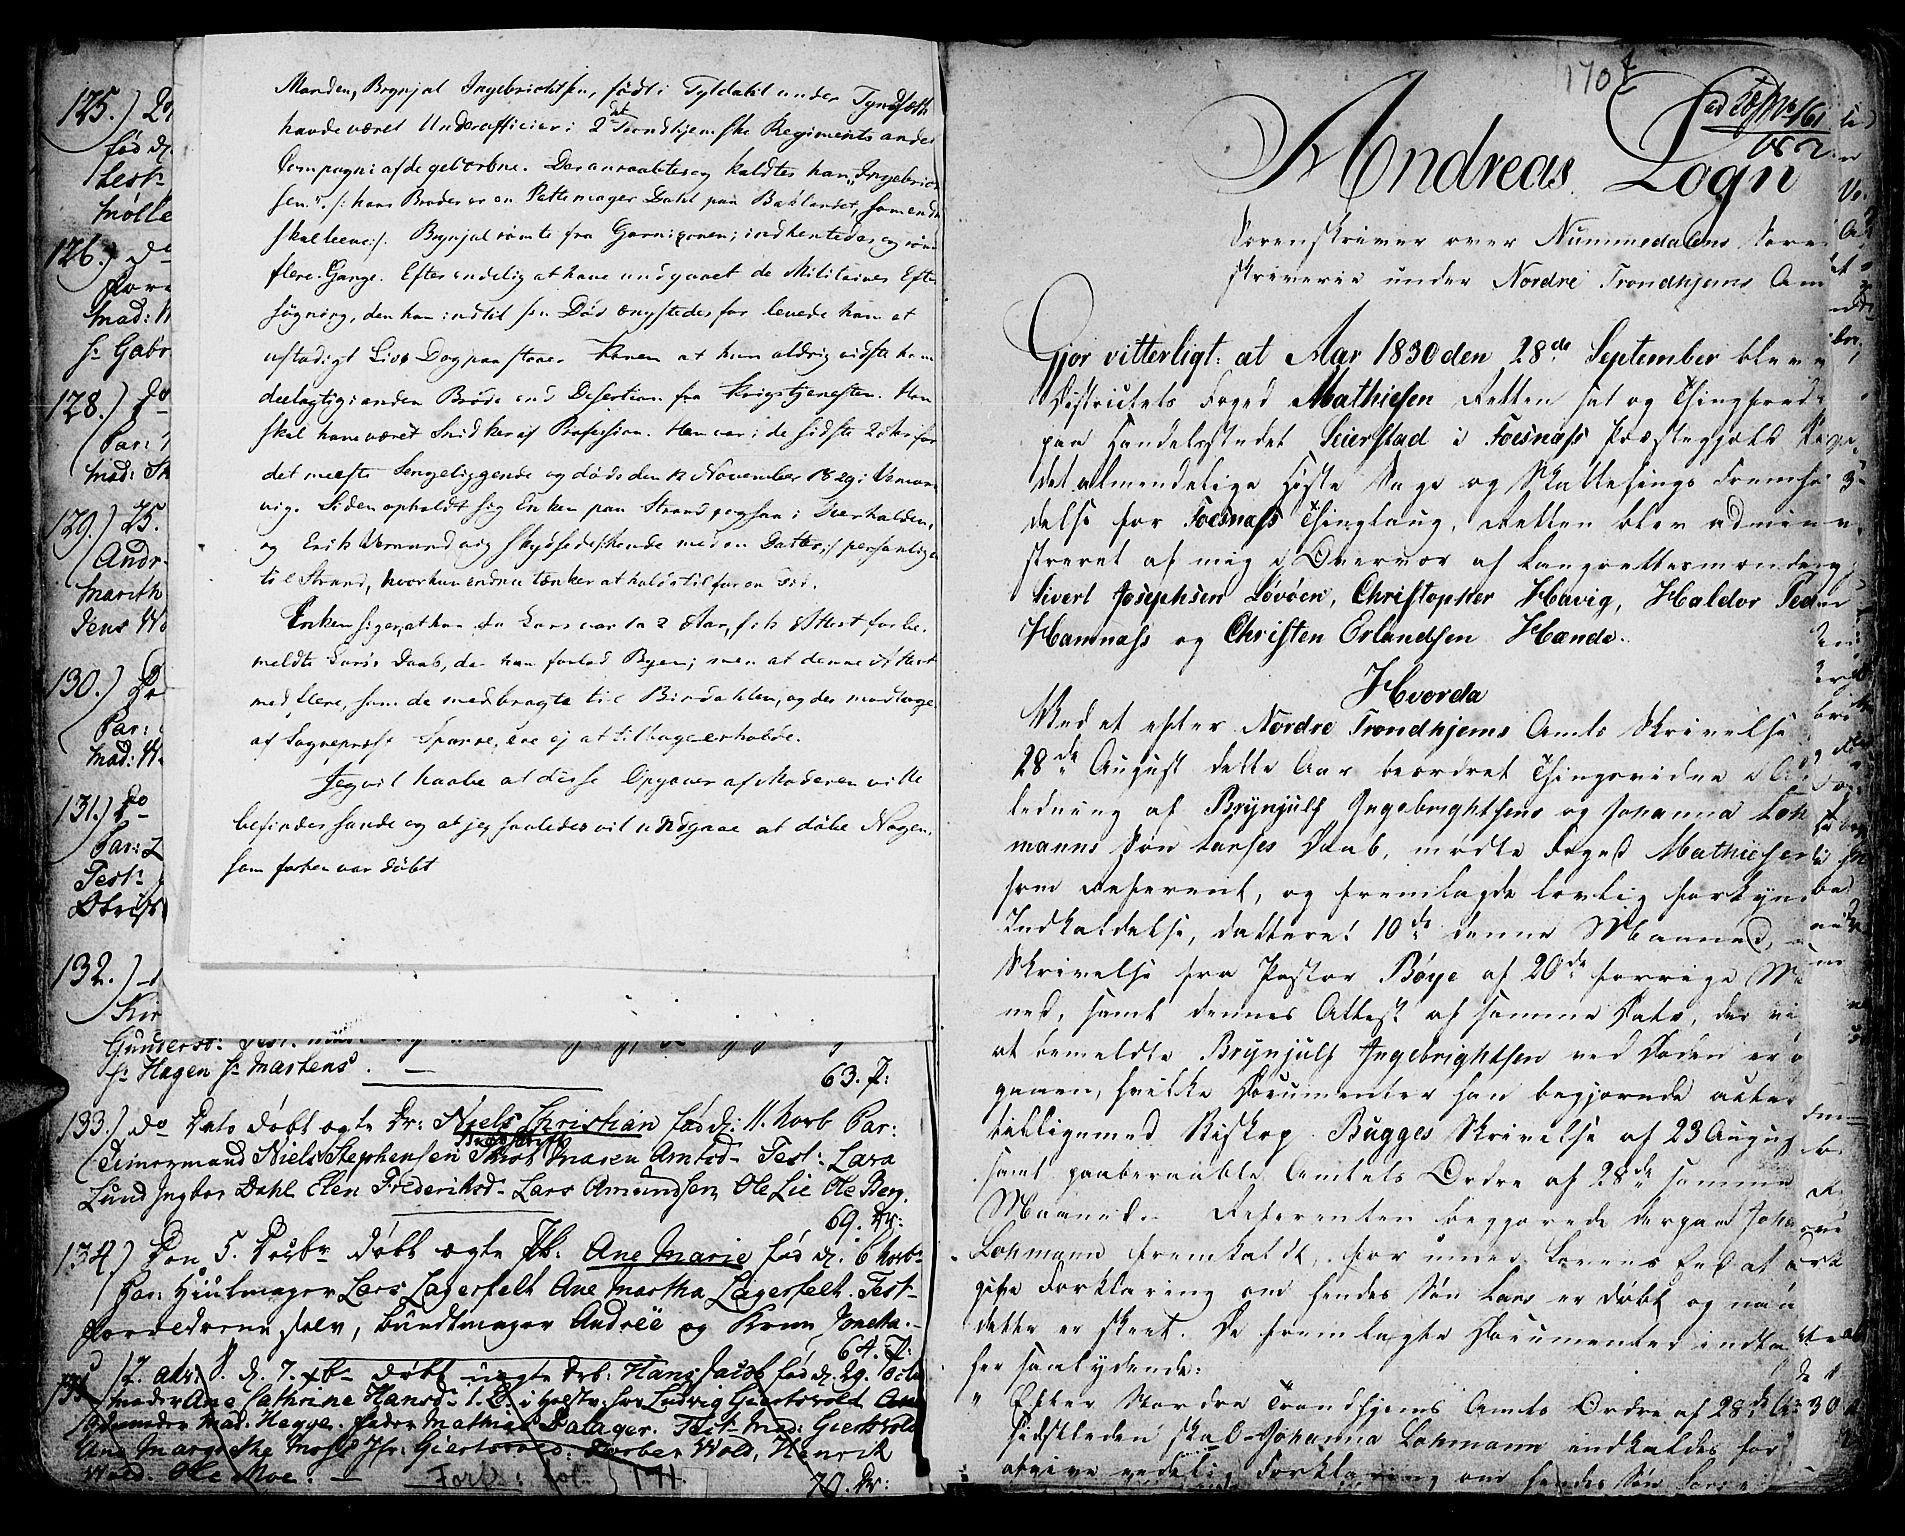 SAT, Ministerialprotokoller, klokkerbøker og fødselsregistre - Sør-Trøndelag, 601/L0039: Ministerialbok nr. 601A07, 1770-1819, s. 170f